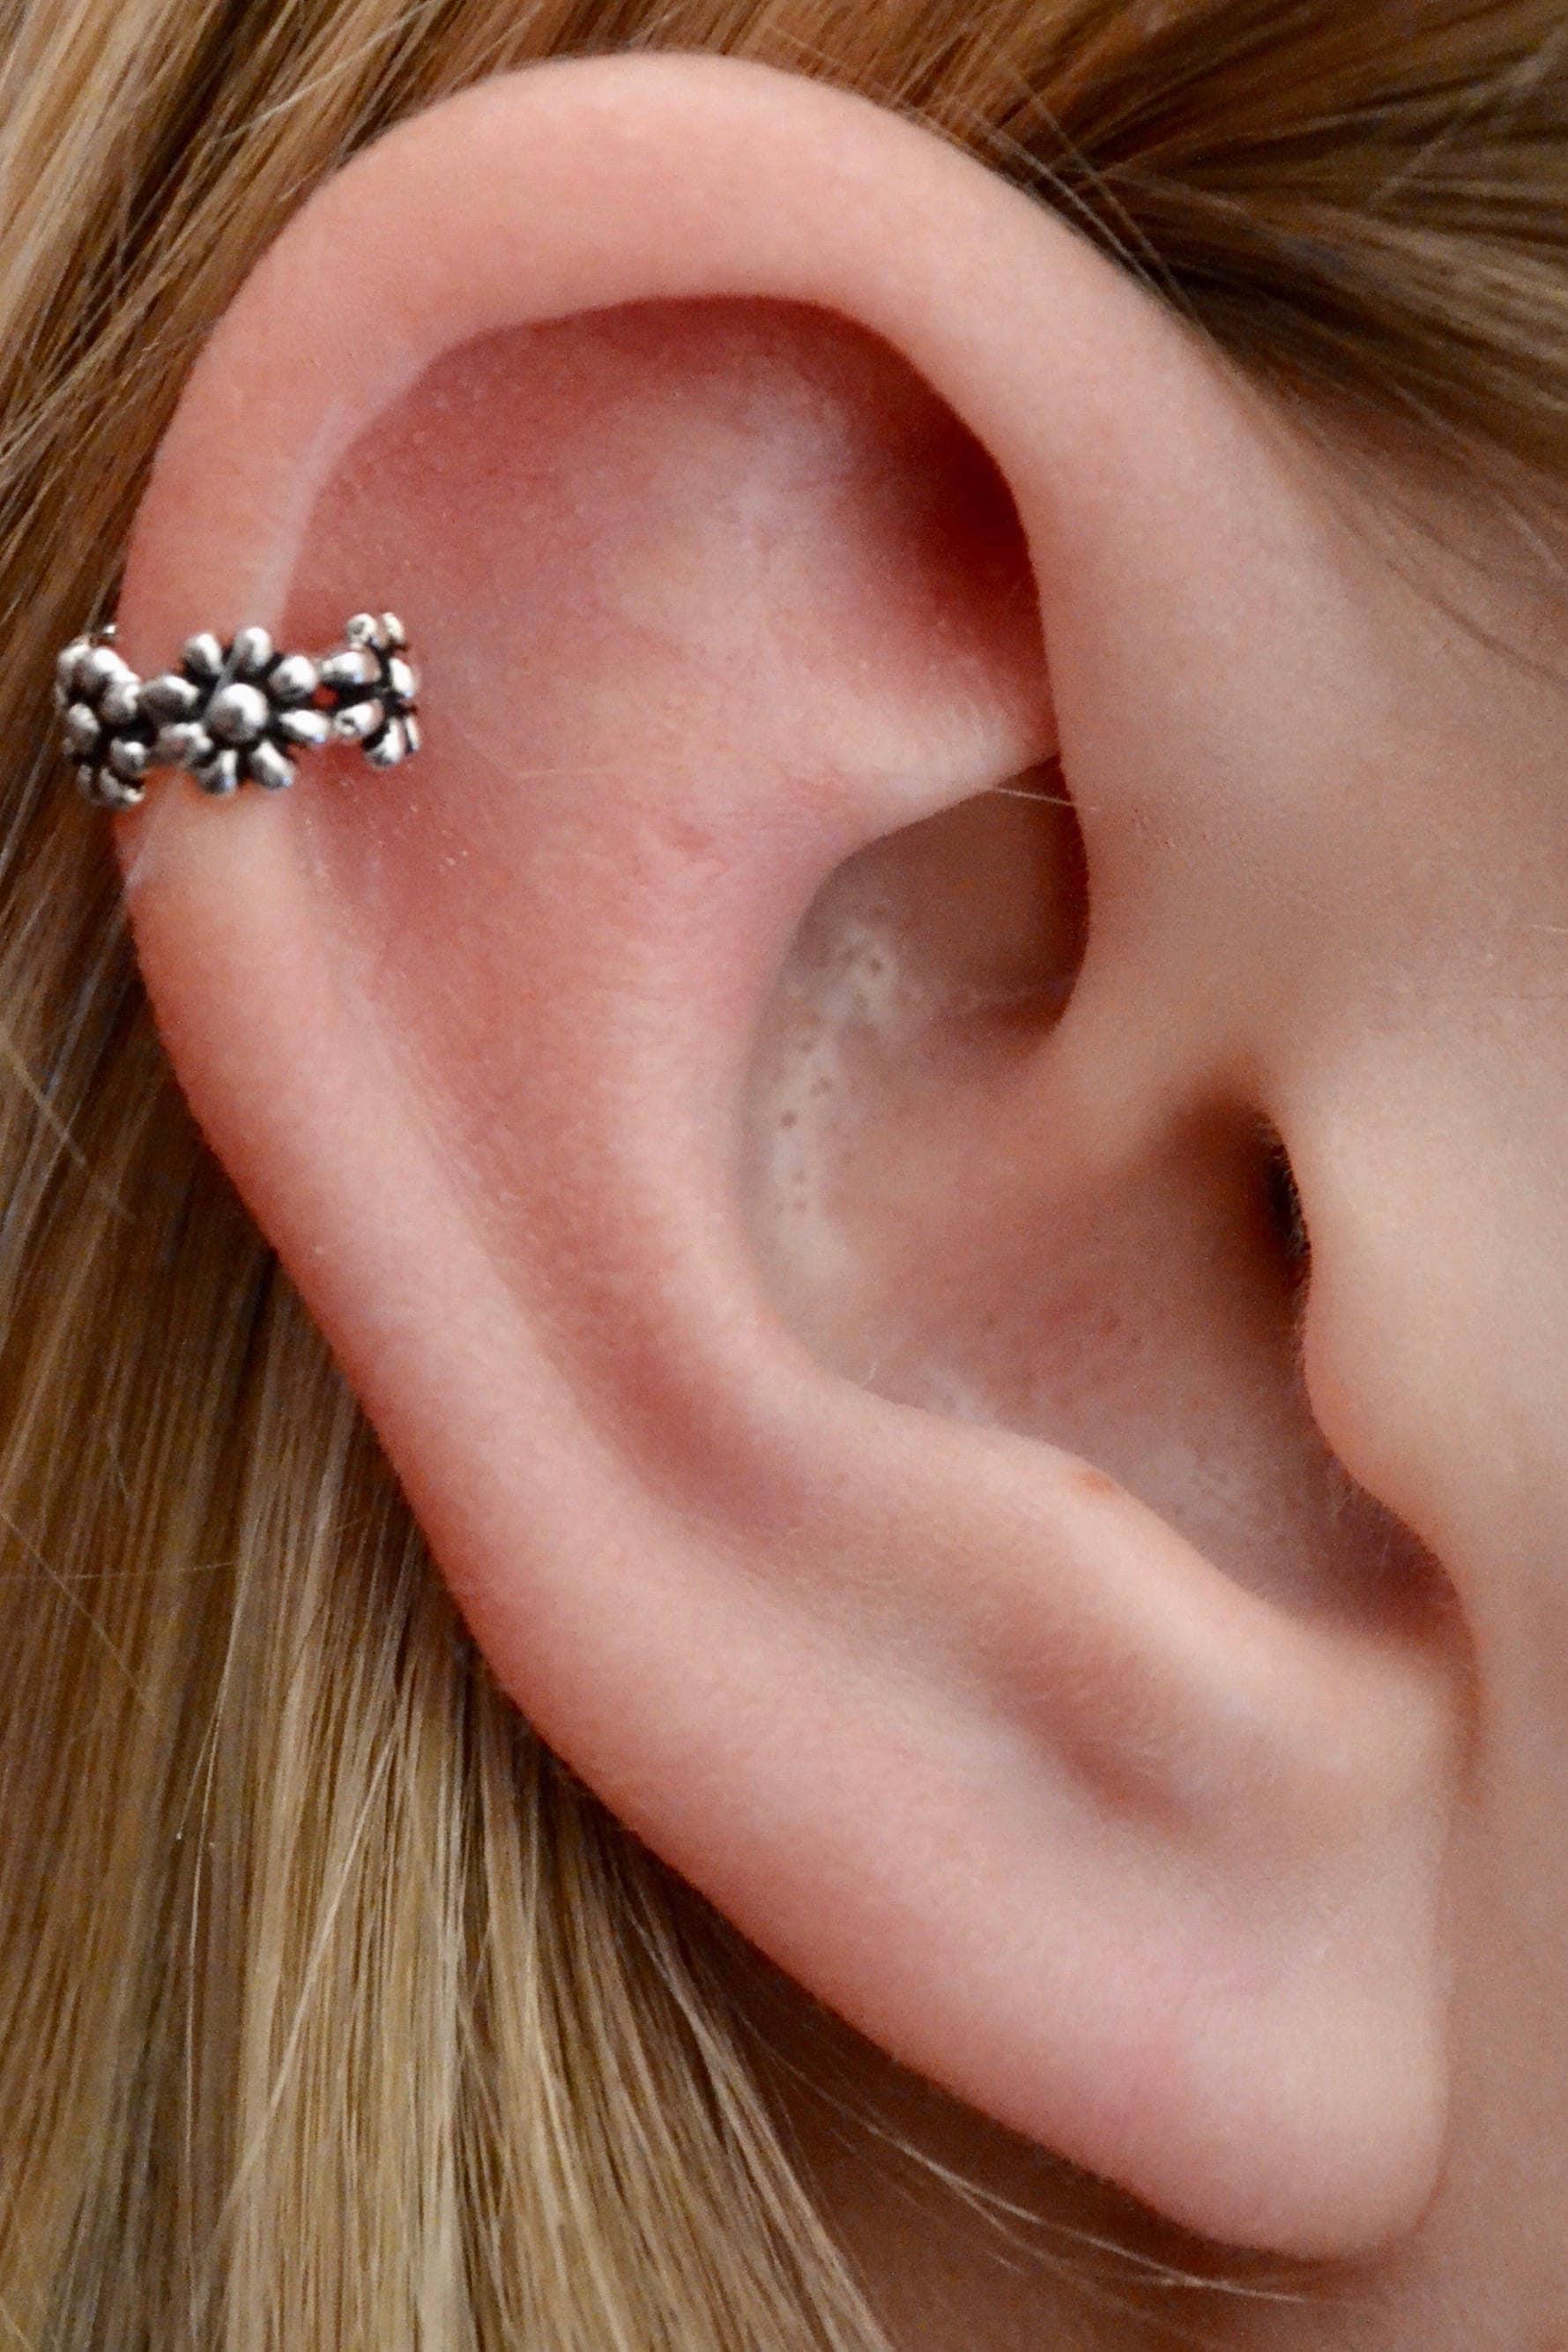 Helix Ear Cuff Daisy Ear Cuff Helix Earring Cartilage   Etsy